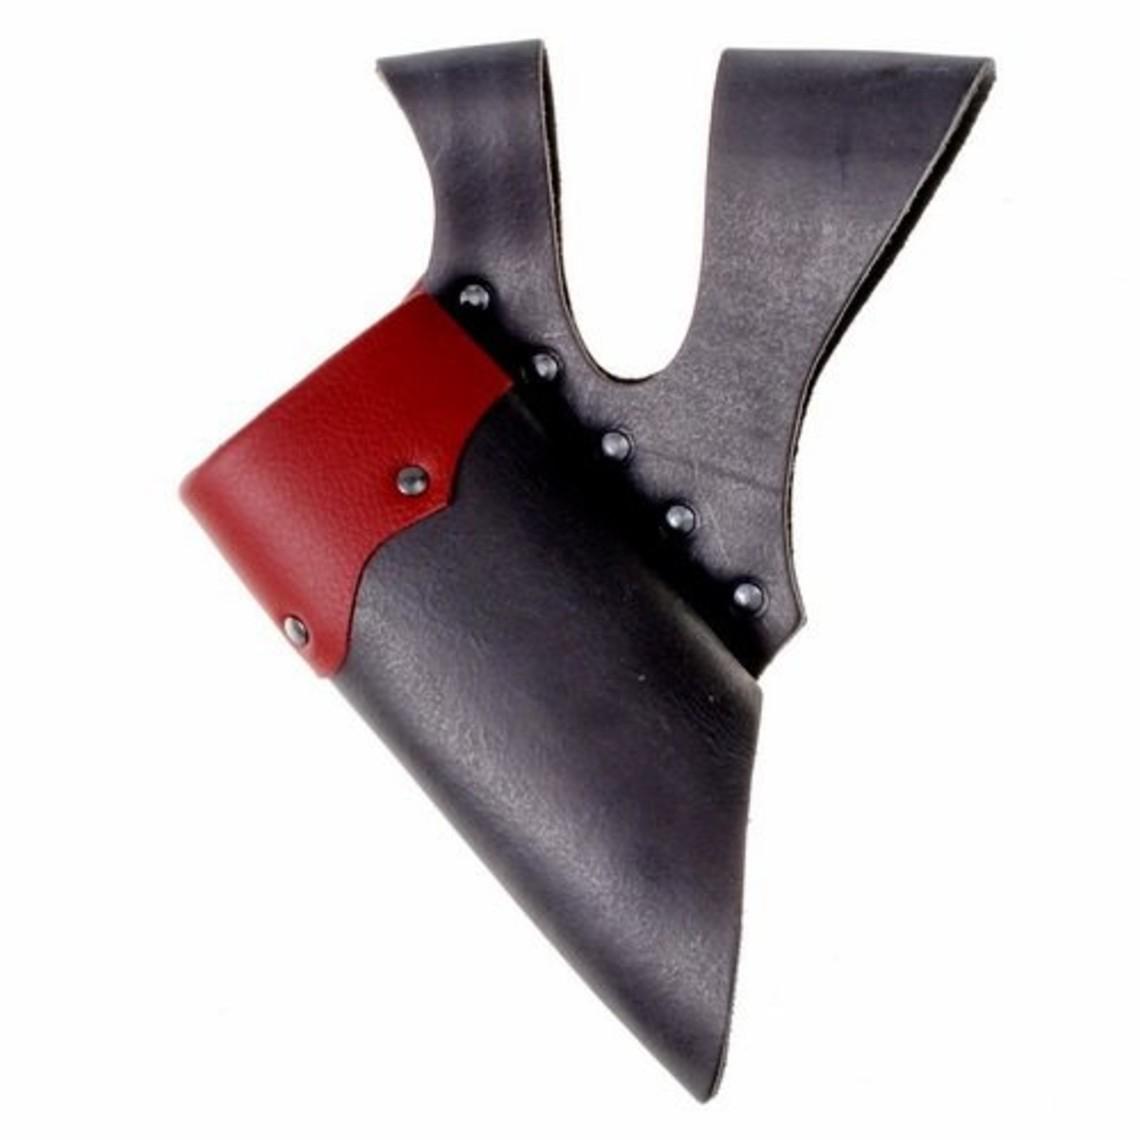 Læder holder med dobbelt sløjfe til larp sværd, rød-sort